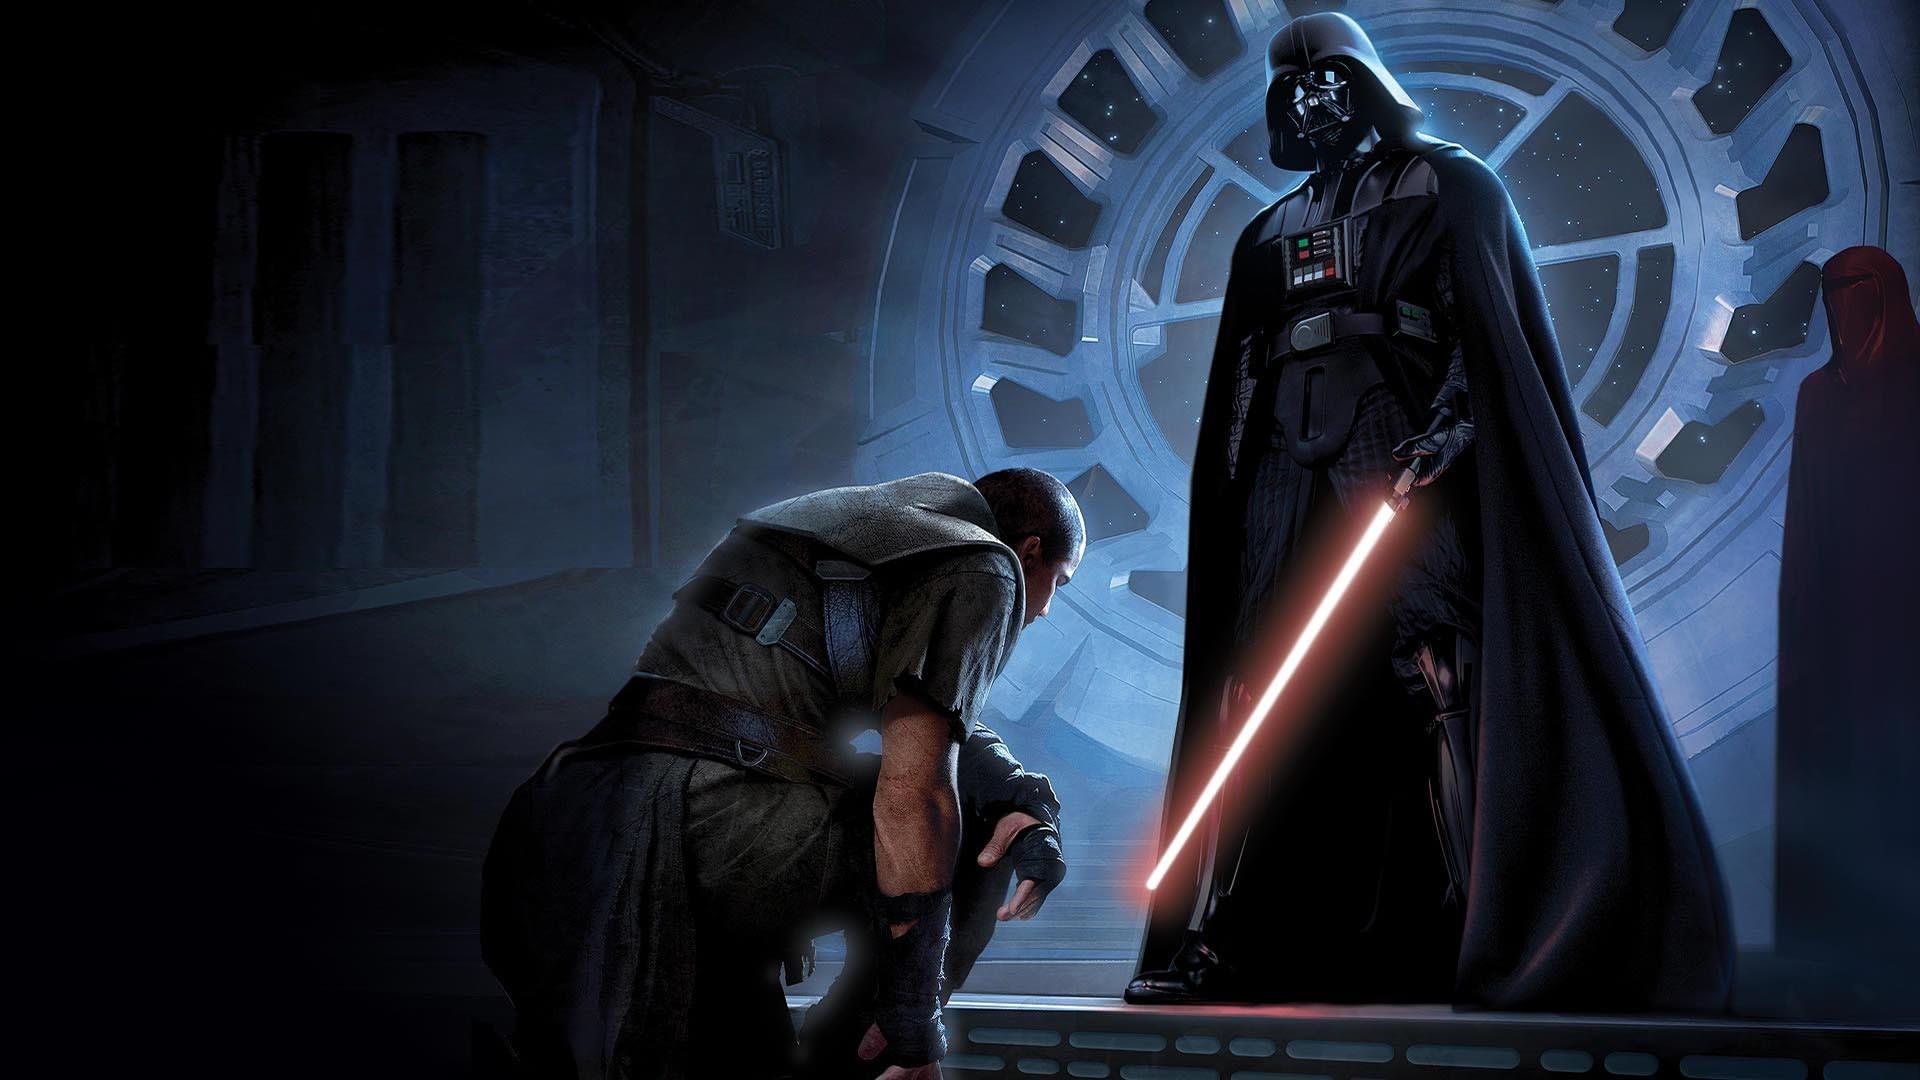 Badass Star Wars Wallpapers